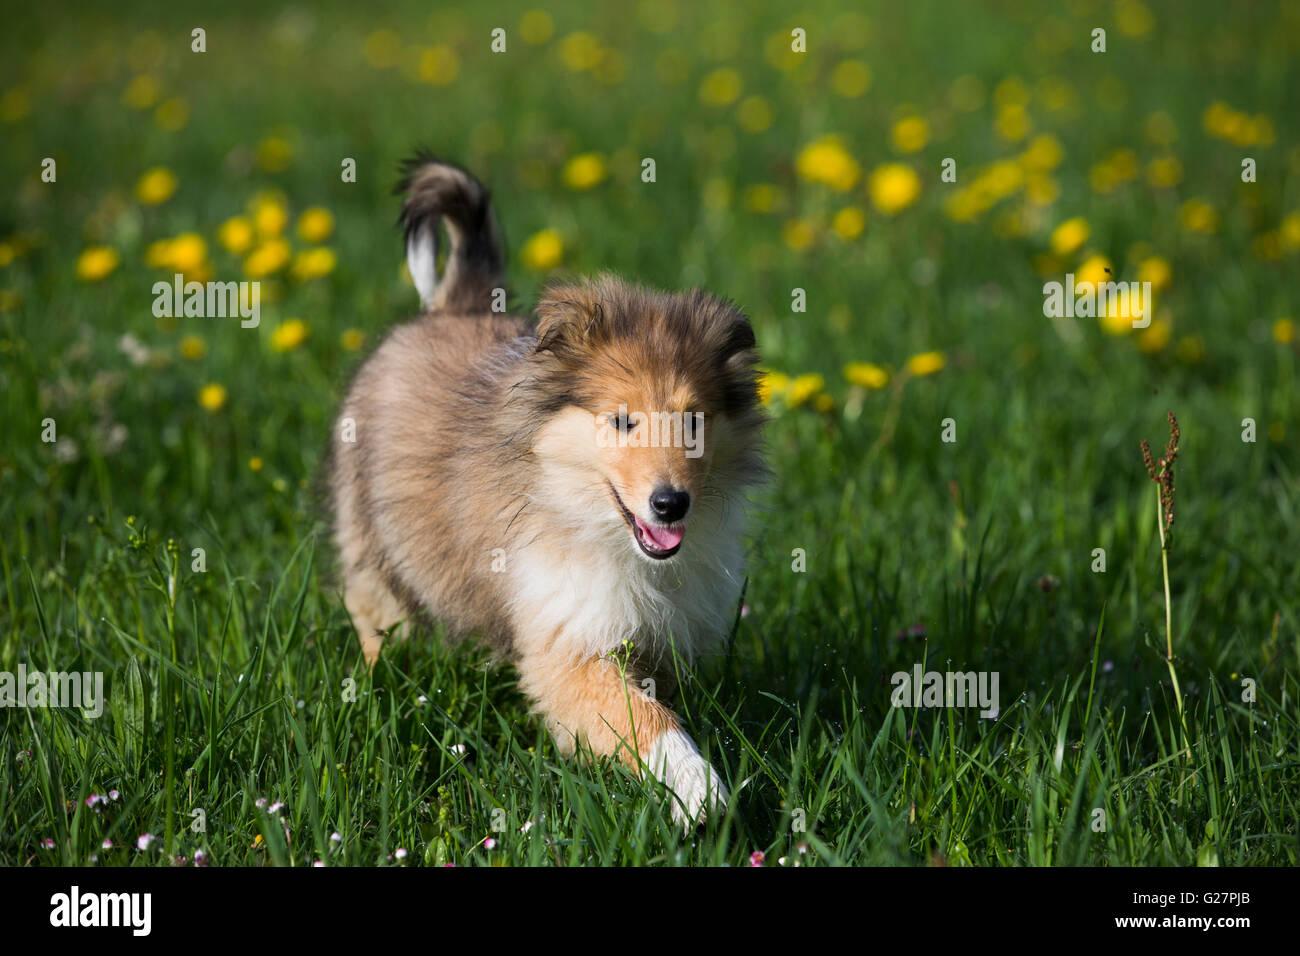 Schottischer Schaferhund Welpen Collie Zobel Weiss Lowenzahn Wiese Salzburg Osterreich Stockfotografie Alamy